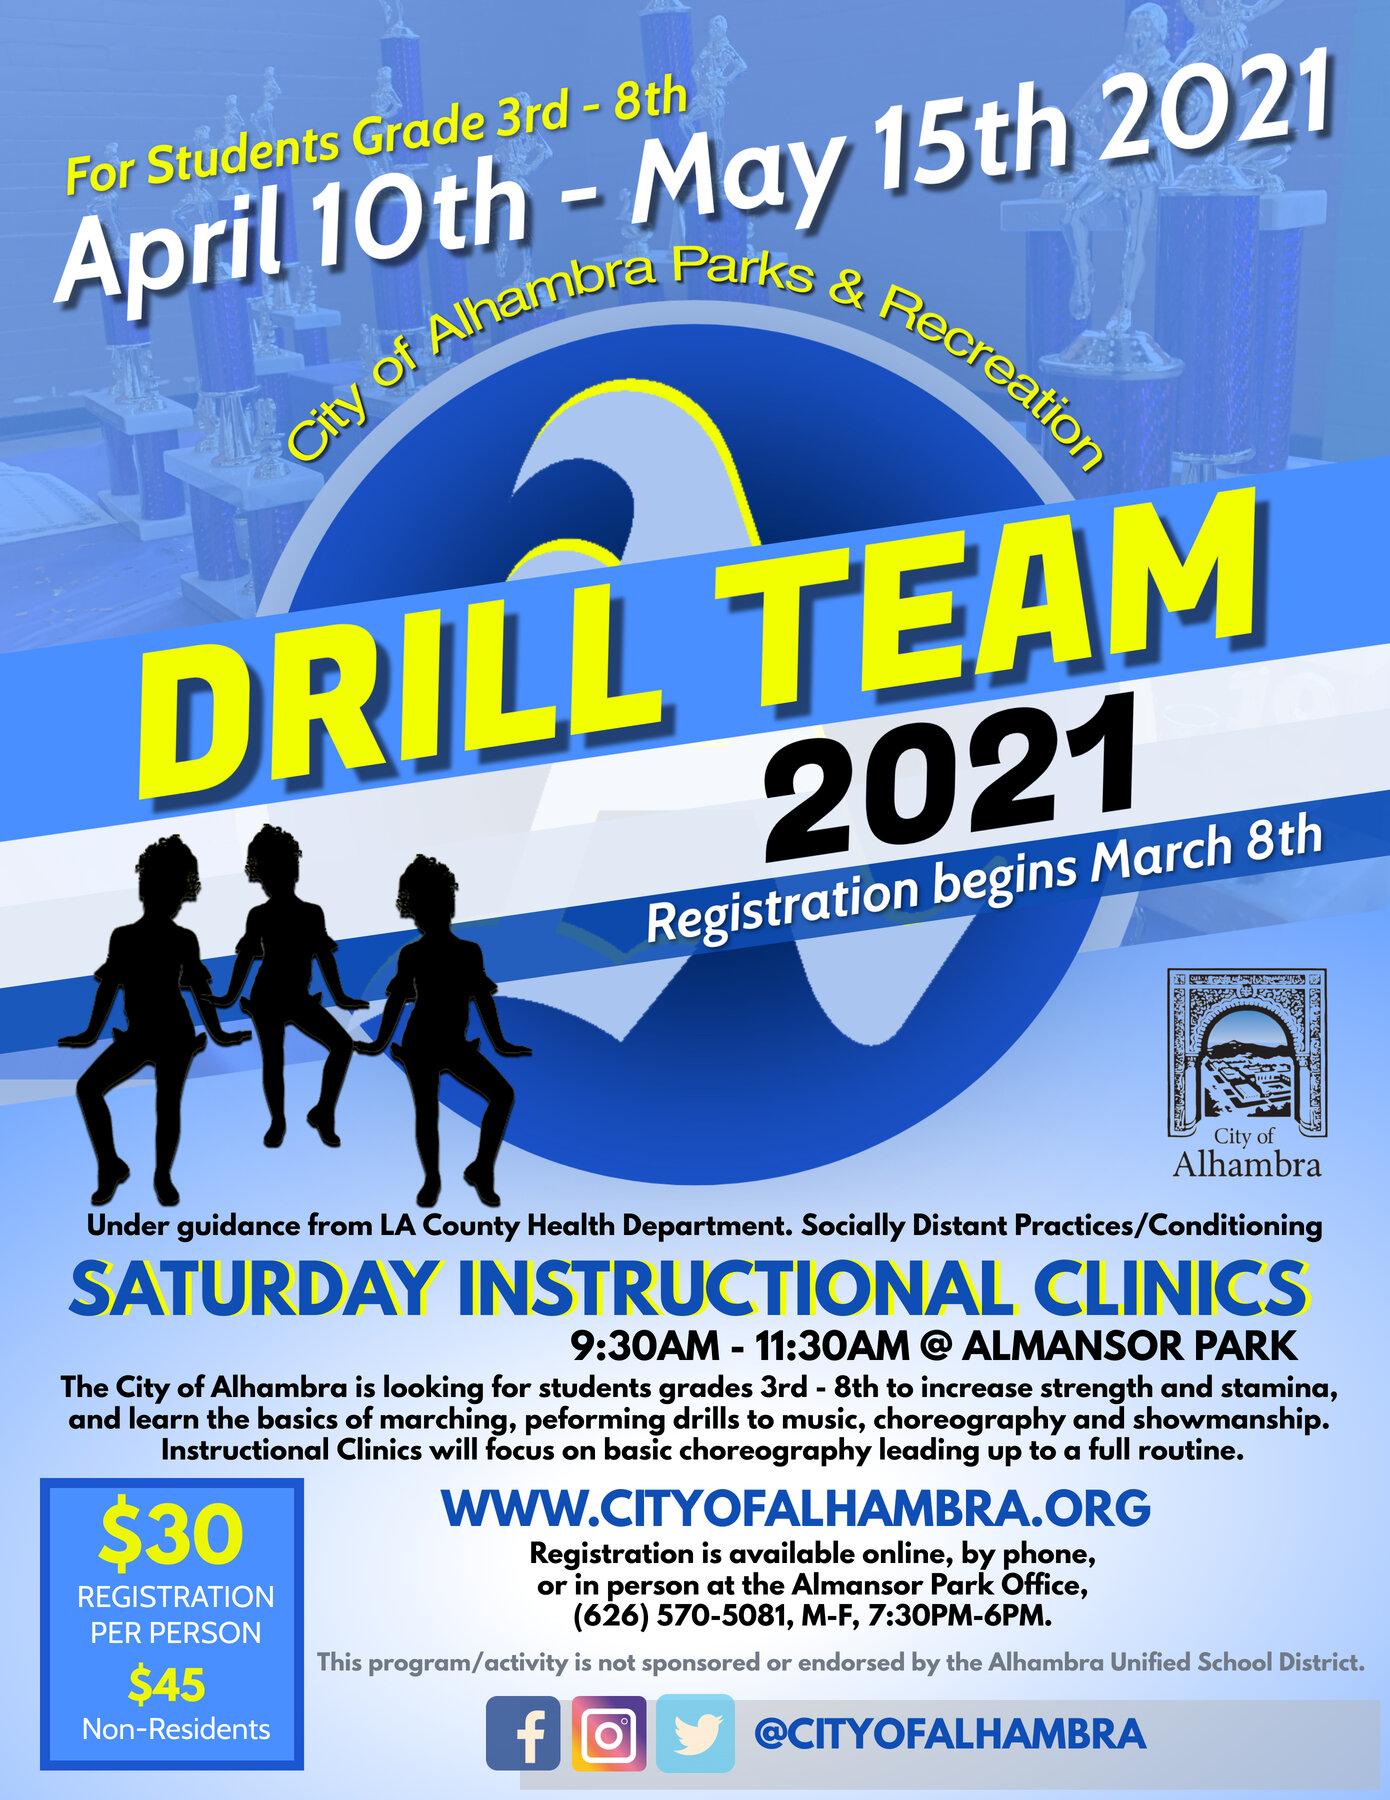 Drill Team 2021 flyer